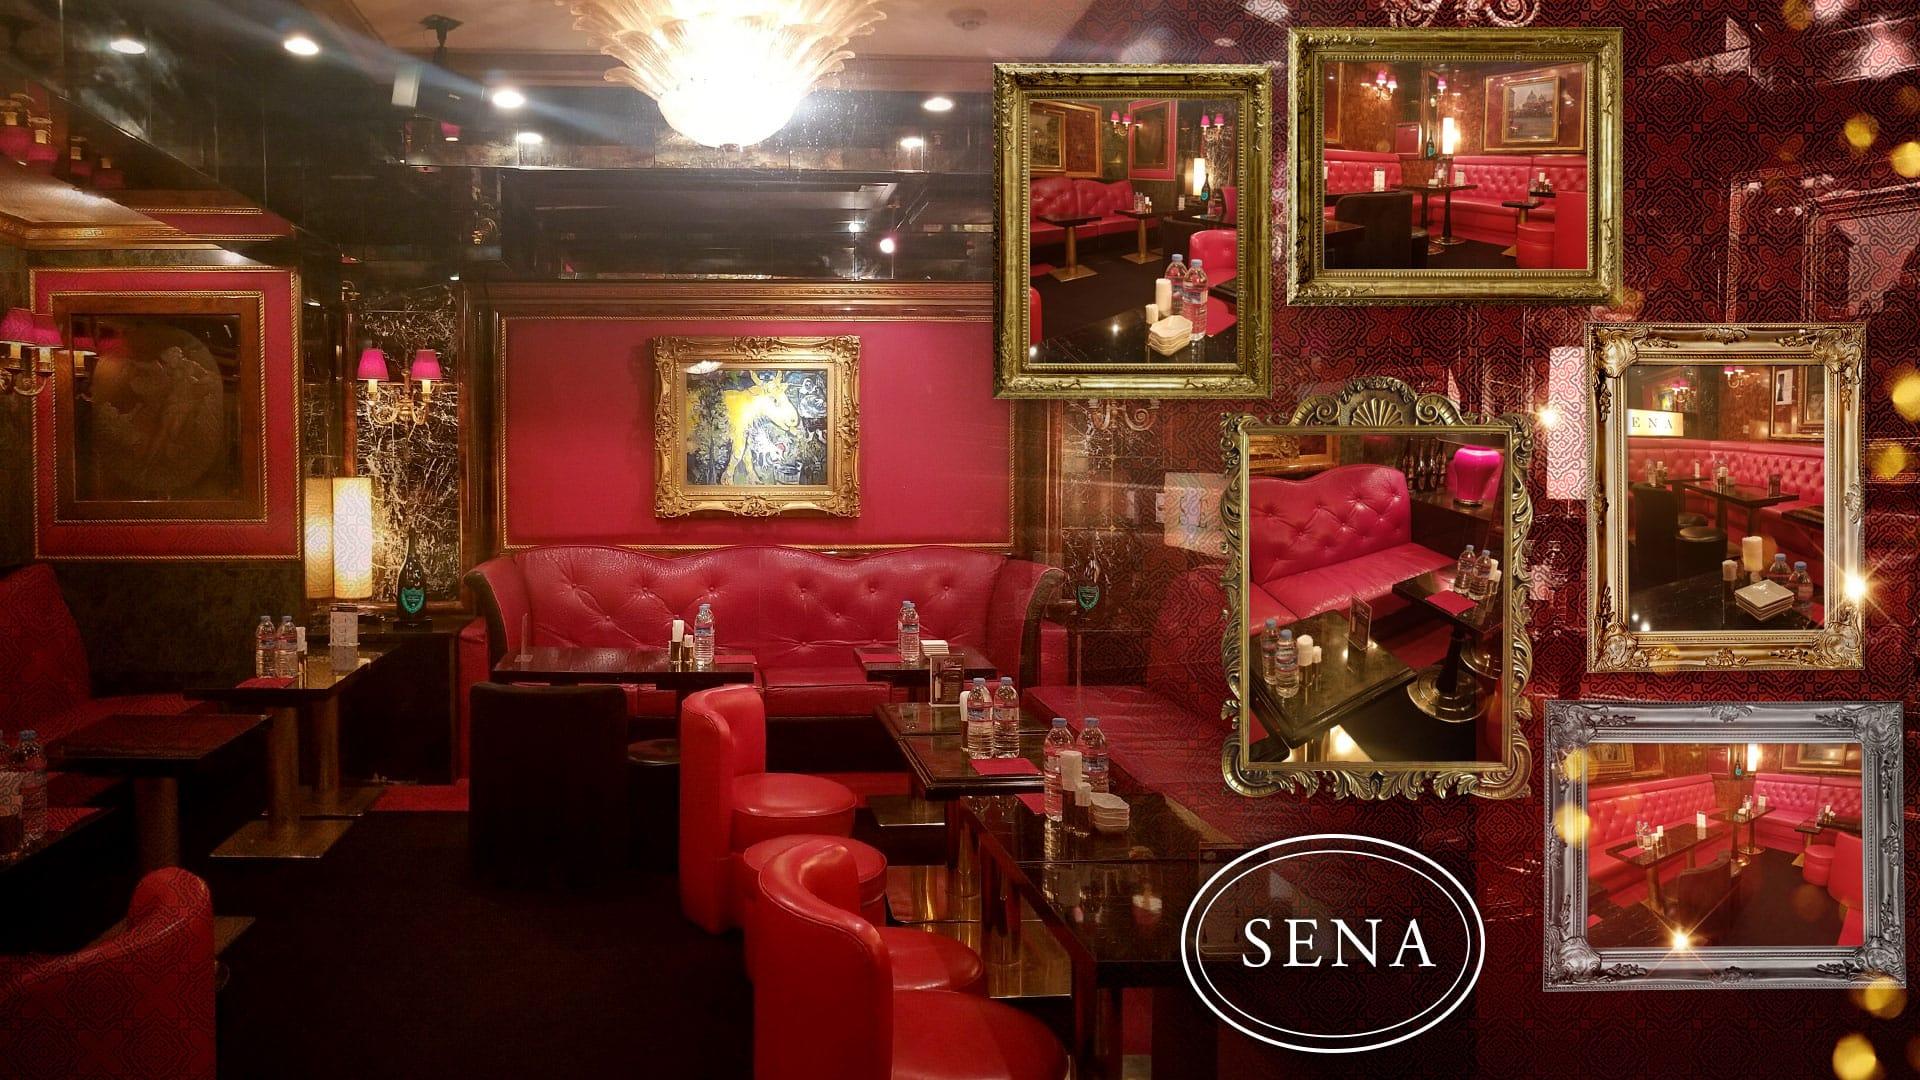 SENA(セナ) TOP画像